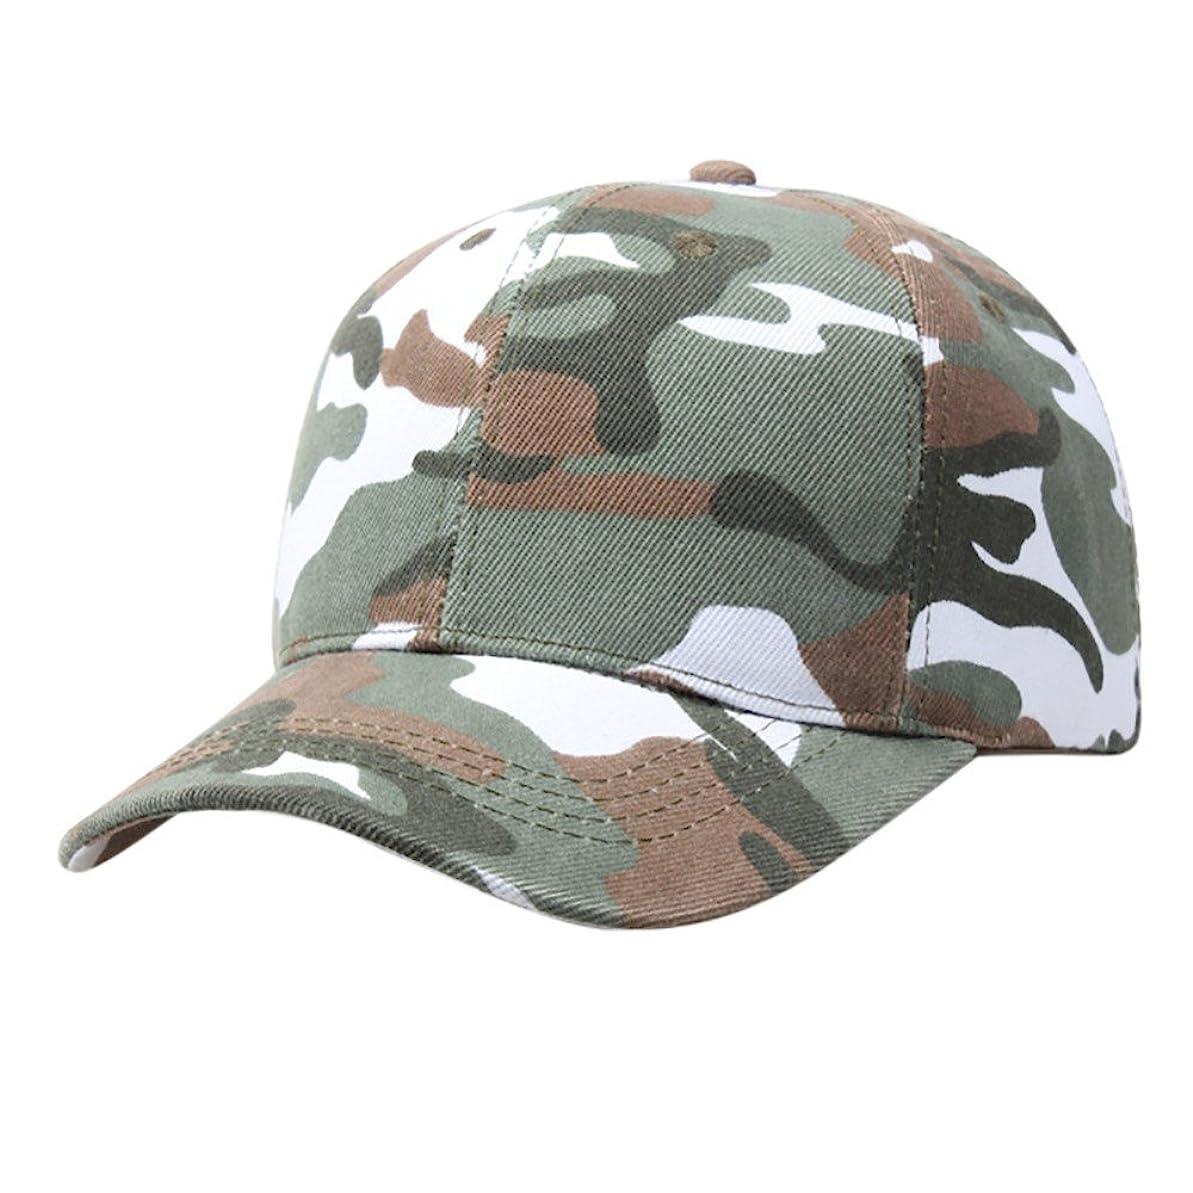 分照らす相続人Racazing Cap 迷彩 野球帽 軍用 通気性のある ヒップホップ 帽子 夏 登山 緑 可調整可能 棒球帽 男女兼用 UV 帽子 軽量 屋外 カモフラージュ Unisex Cap (緑)